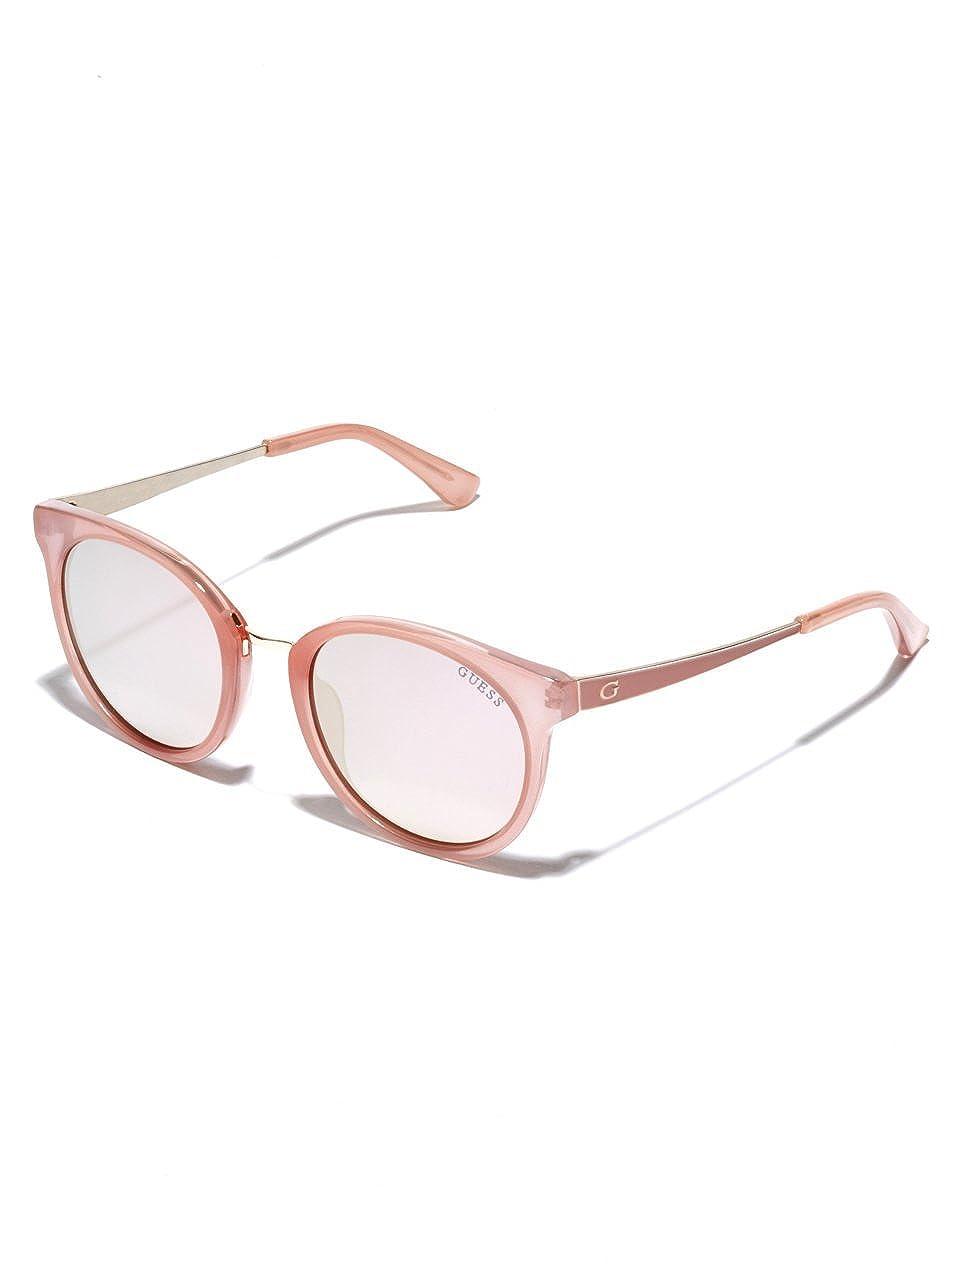 Guess GU7459E Gafas de sol, Rosa Luc\Fumo Specchiato, 52.0 ...